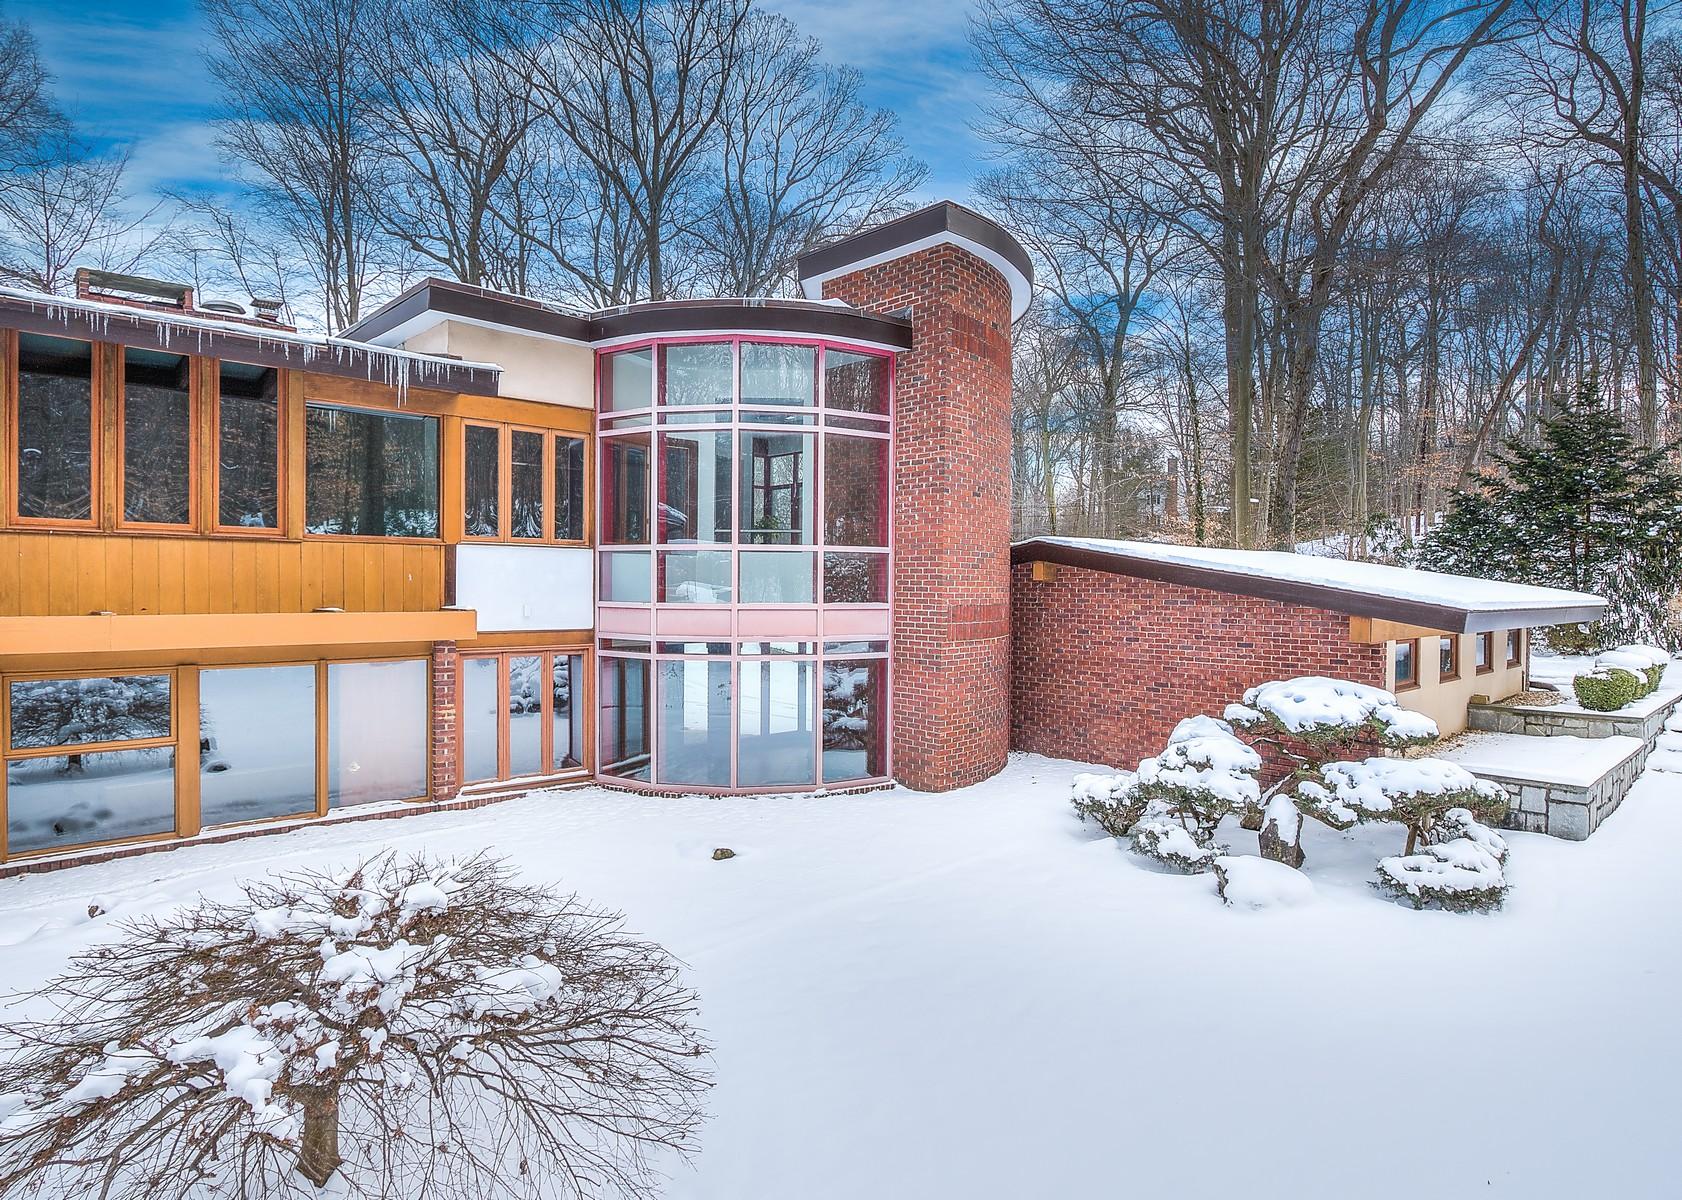 独户住宅 为 销售 在 Other 31 The Glen Matinecock, 纽约州, 11560 美国